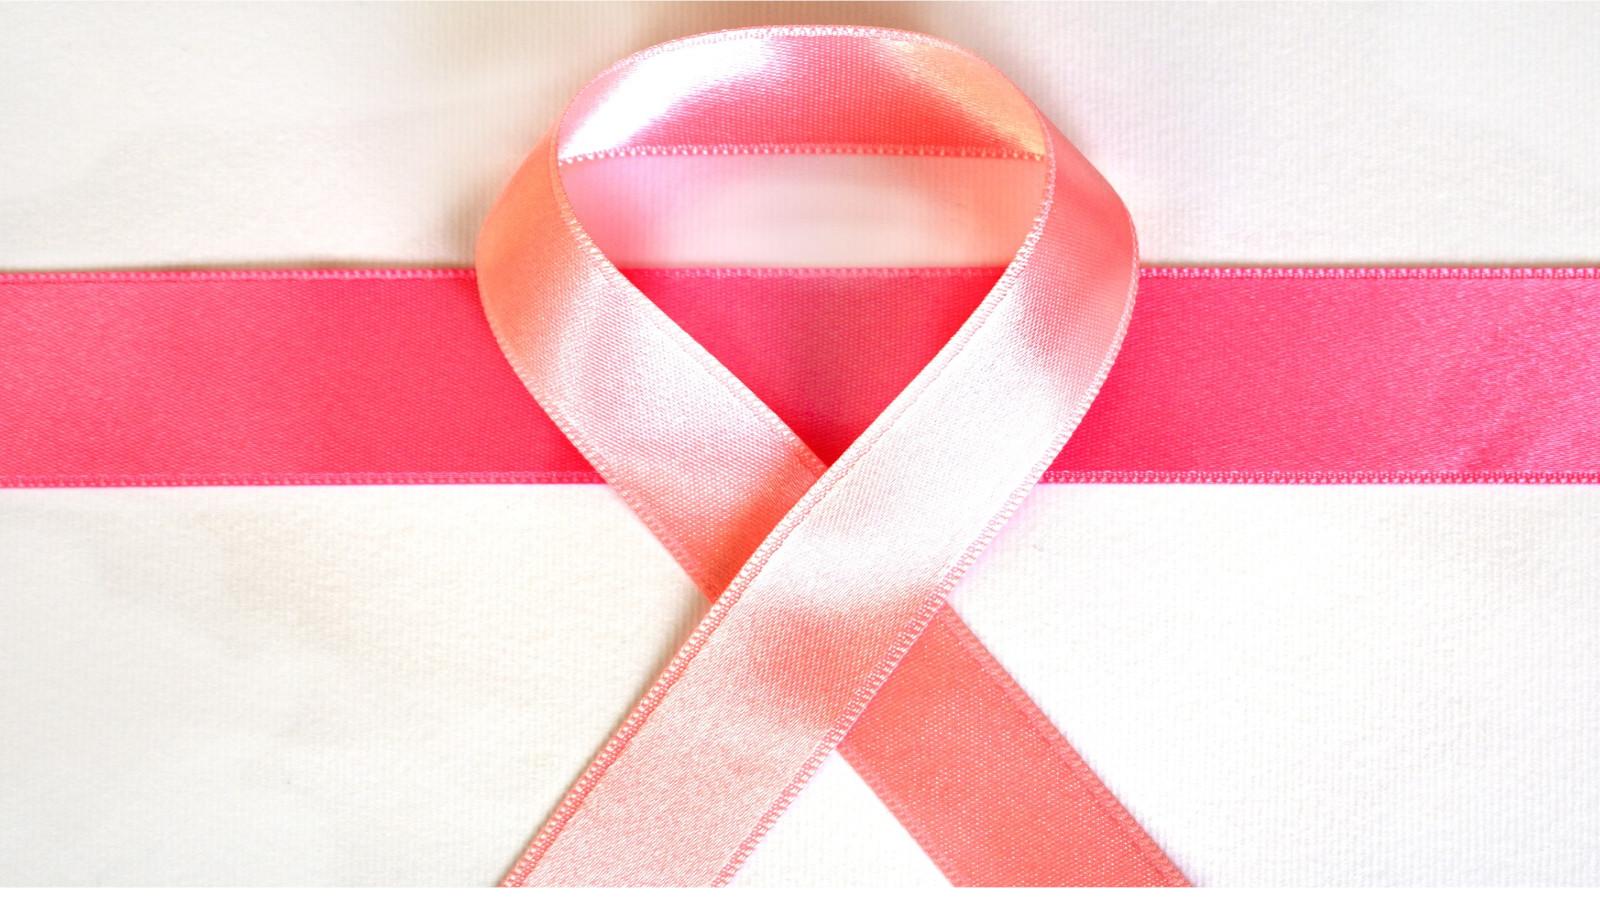 Online-Patientenseminar: Brustkrebs im Fokus